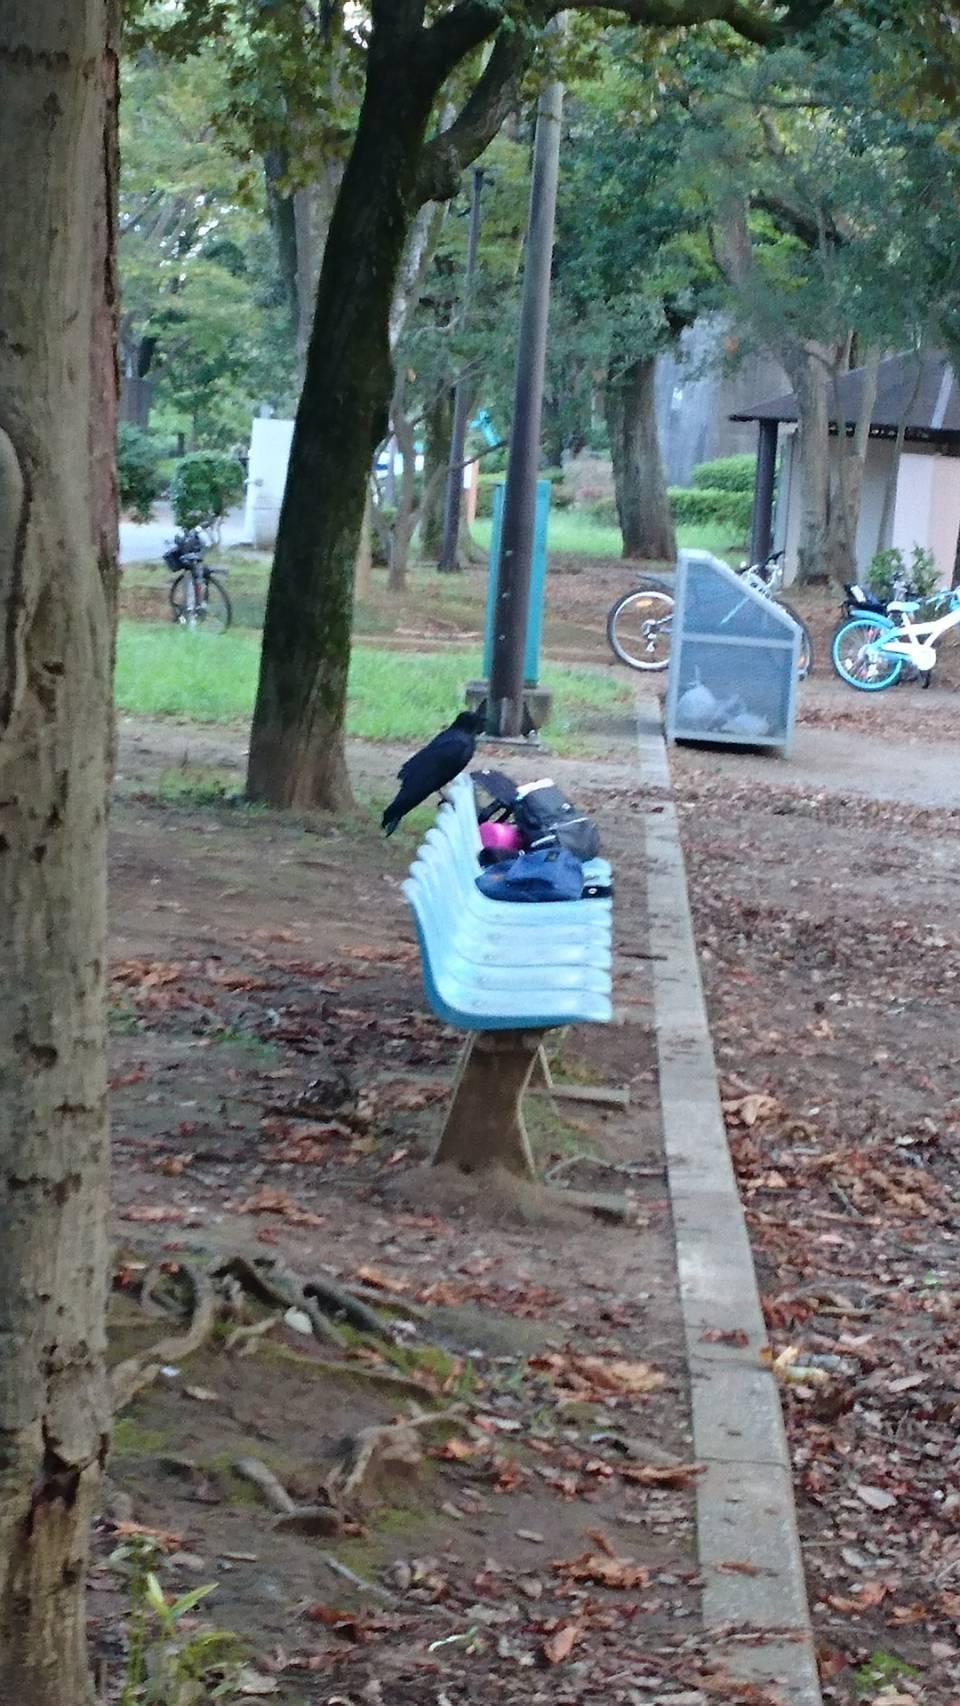 カラスの鳴き声がするほうへ ~千葉公園~【鳥獣対策ブログ】_a0321697_10262909.jpg